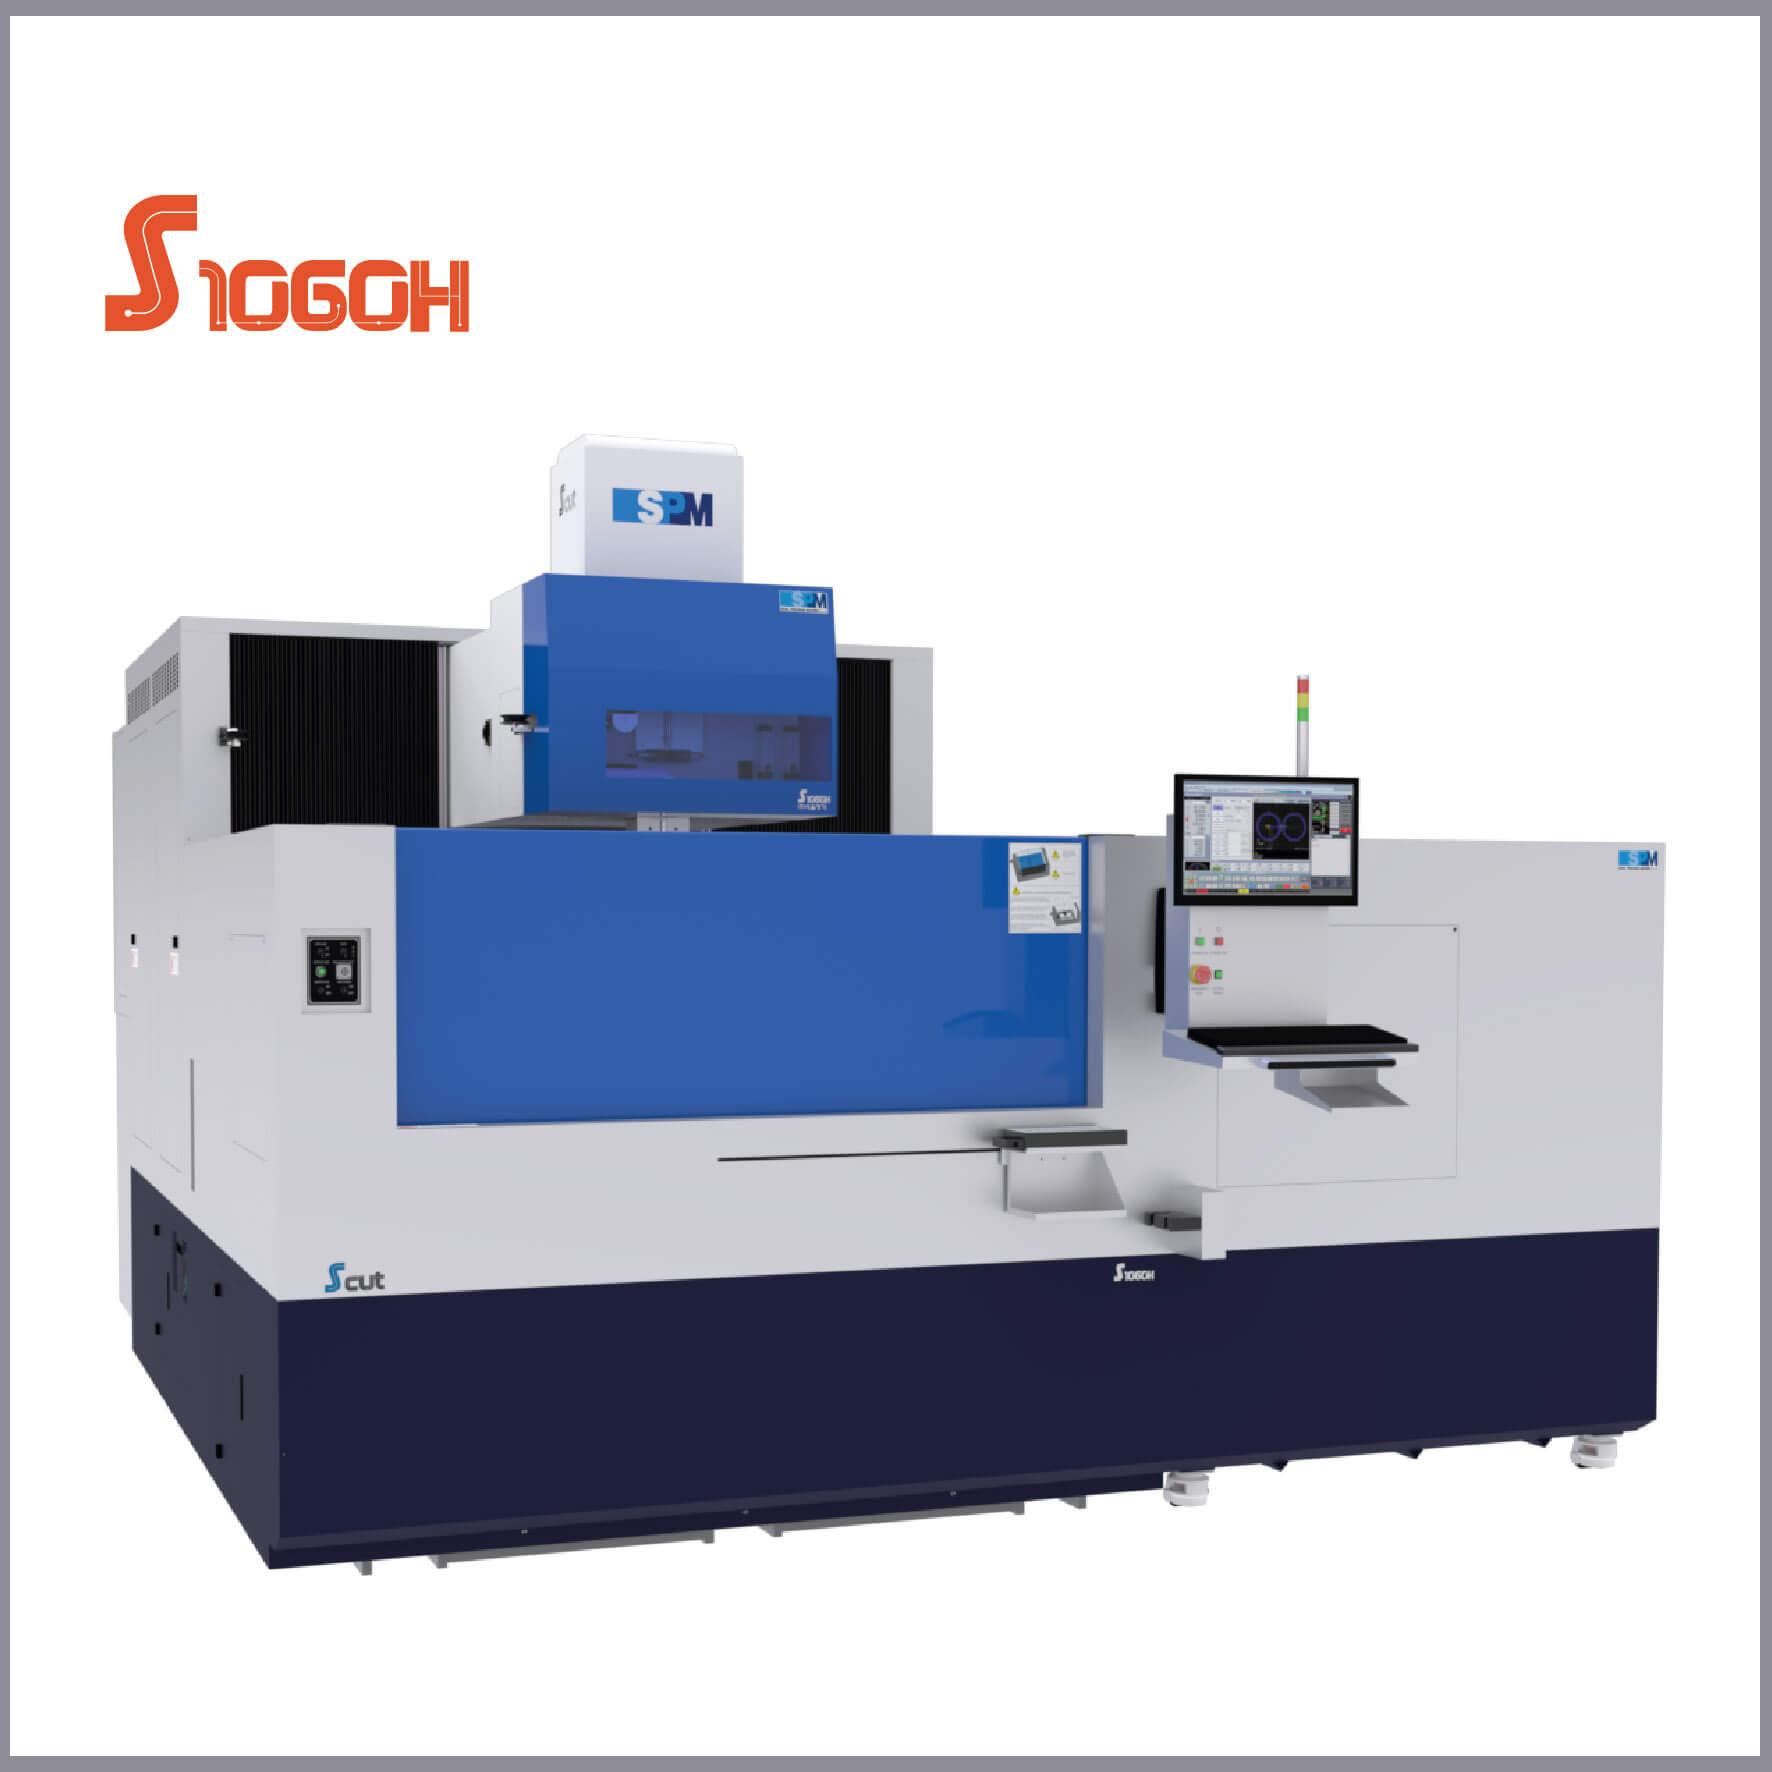 SPM S1060H Tel Erozyon Tezgahı